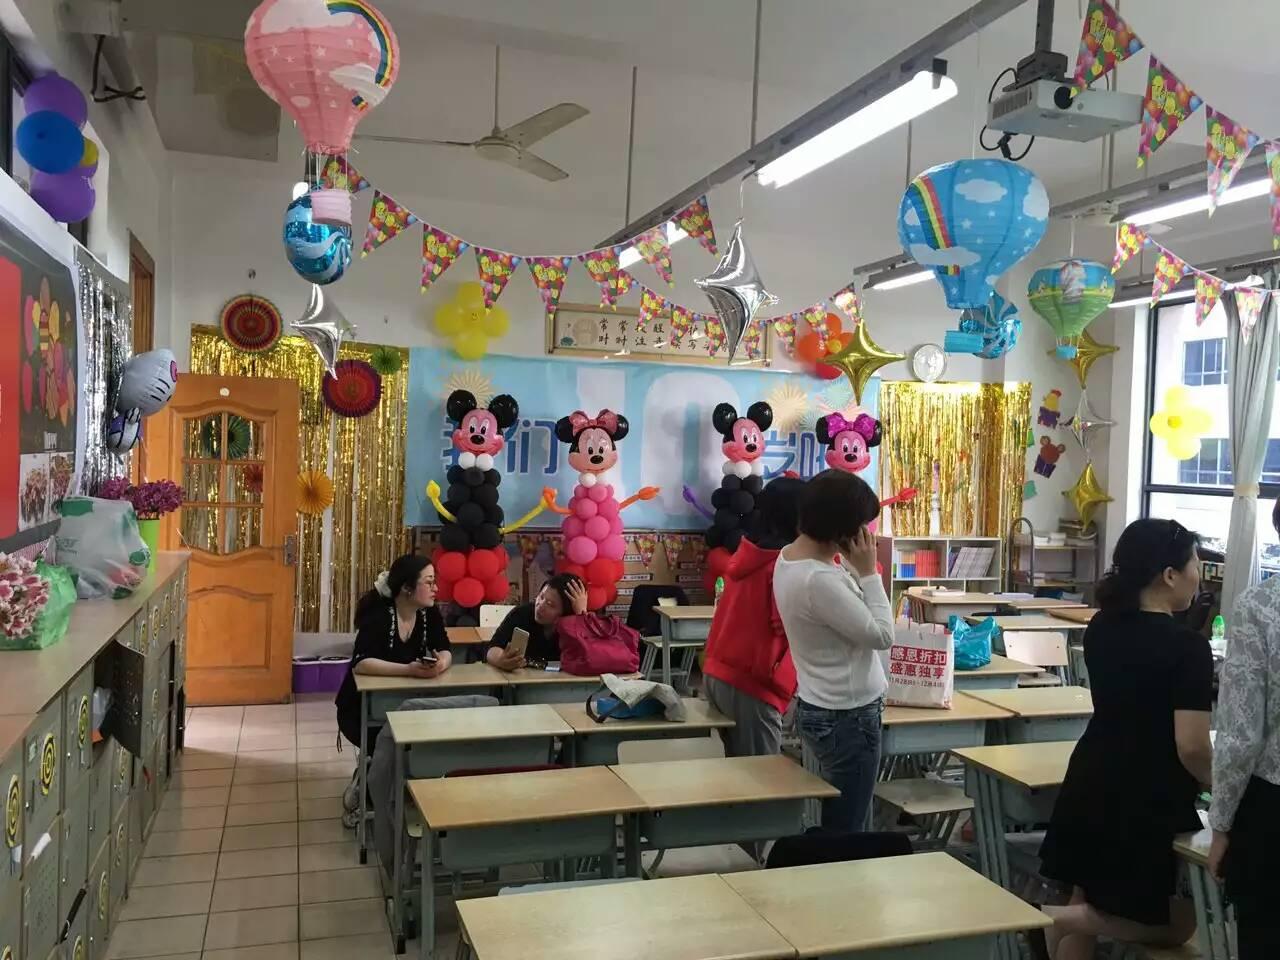 氣球布置店面 氣球裝飾批發 旺旺供 上海旺旺創意氣球工作室兒童派對始終致力于打造高品質兒童生日PARTY,是中推出生日圓夢計劃的兒童活動專業機構,公司憑借專業的兒童活動策劃團隊,針對不同年齡兒童的心理特點及個性需求,為客戶制定不同的生日主題活動,使每一個孩子都可以在生日PARTY中盡情到屬于自己的快樂童年,使之成為一生中最難忘的的快樂財富! 旺旺創意氣球工作室 是承奕(上海)會務服務有限公司旗下專門從事兒童生日派對;慶典活動;各類節日主題派對的內容策劃、場地布置、活動舉辦的團隊,具有多年的派對服務經